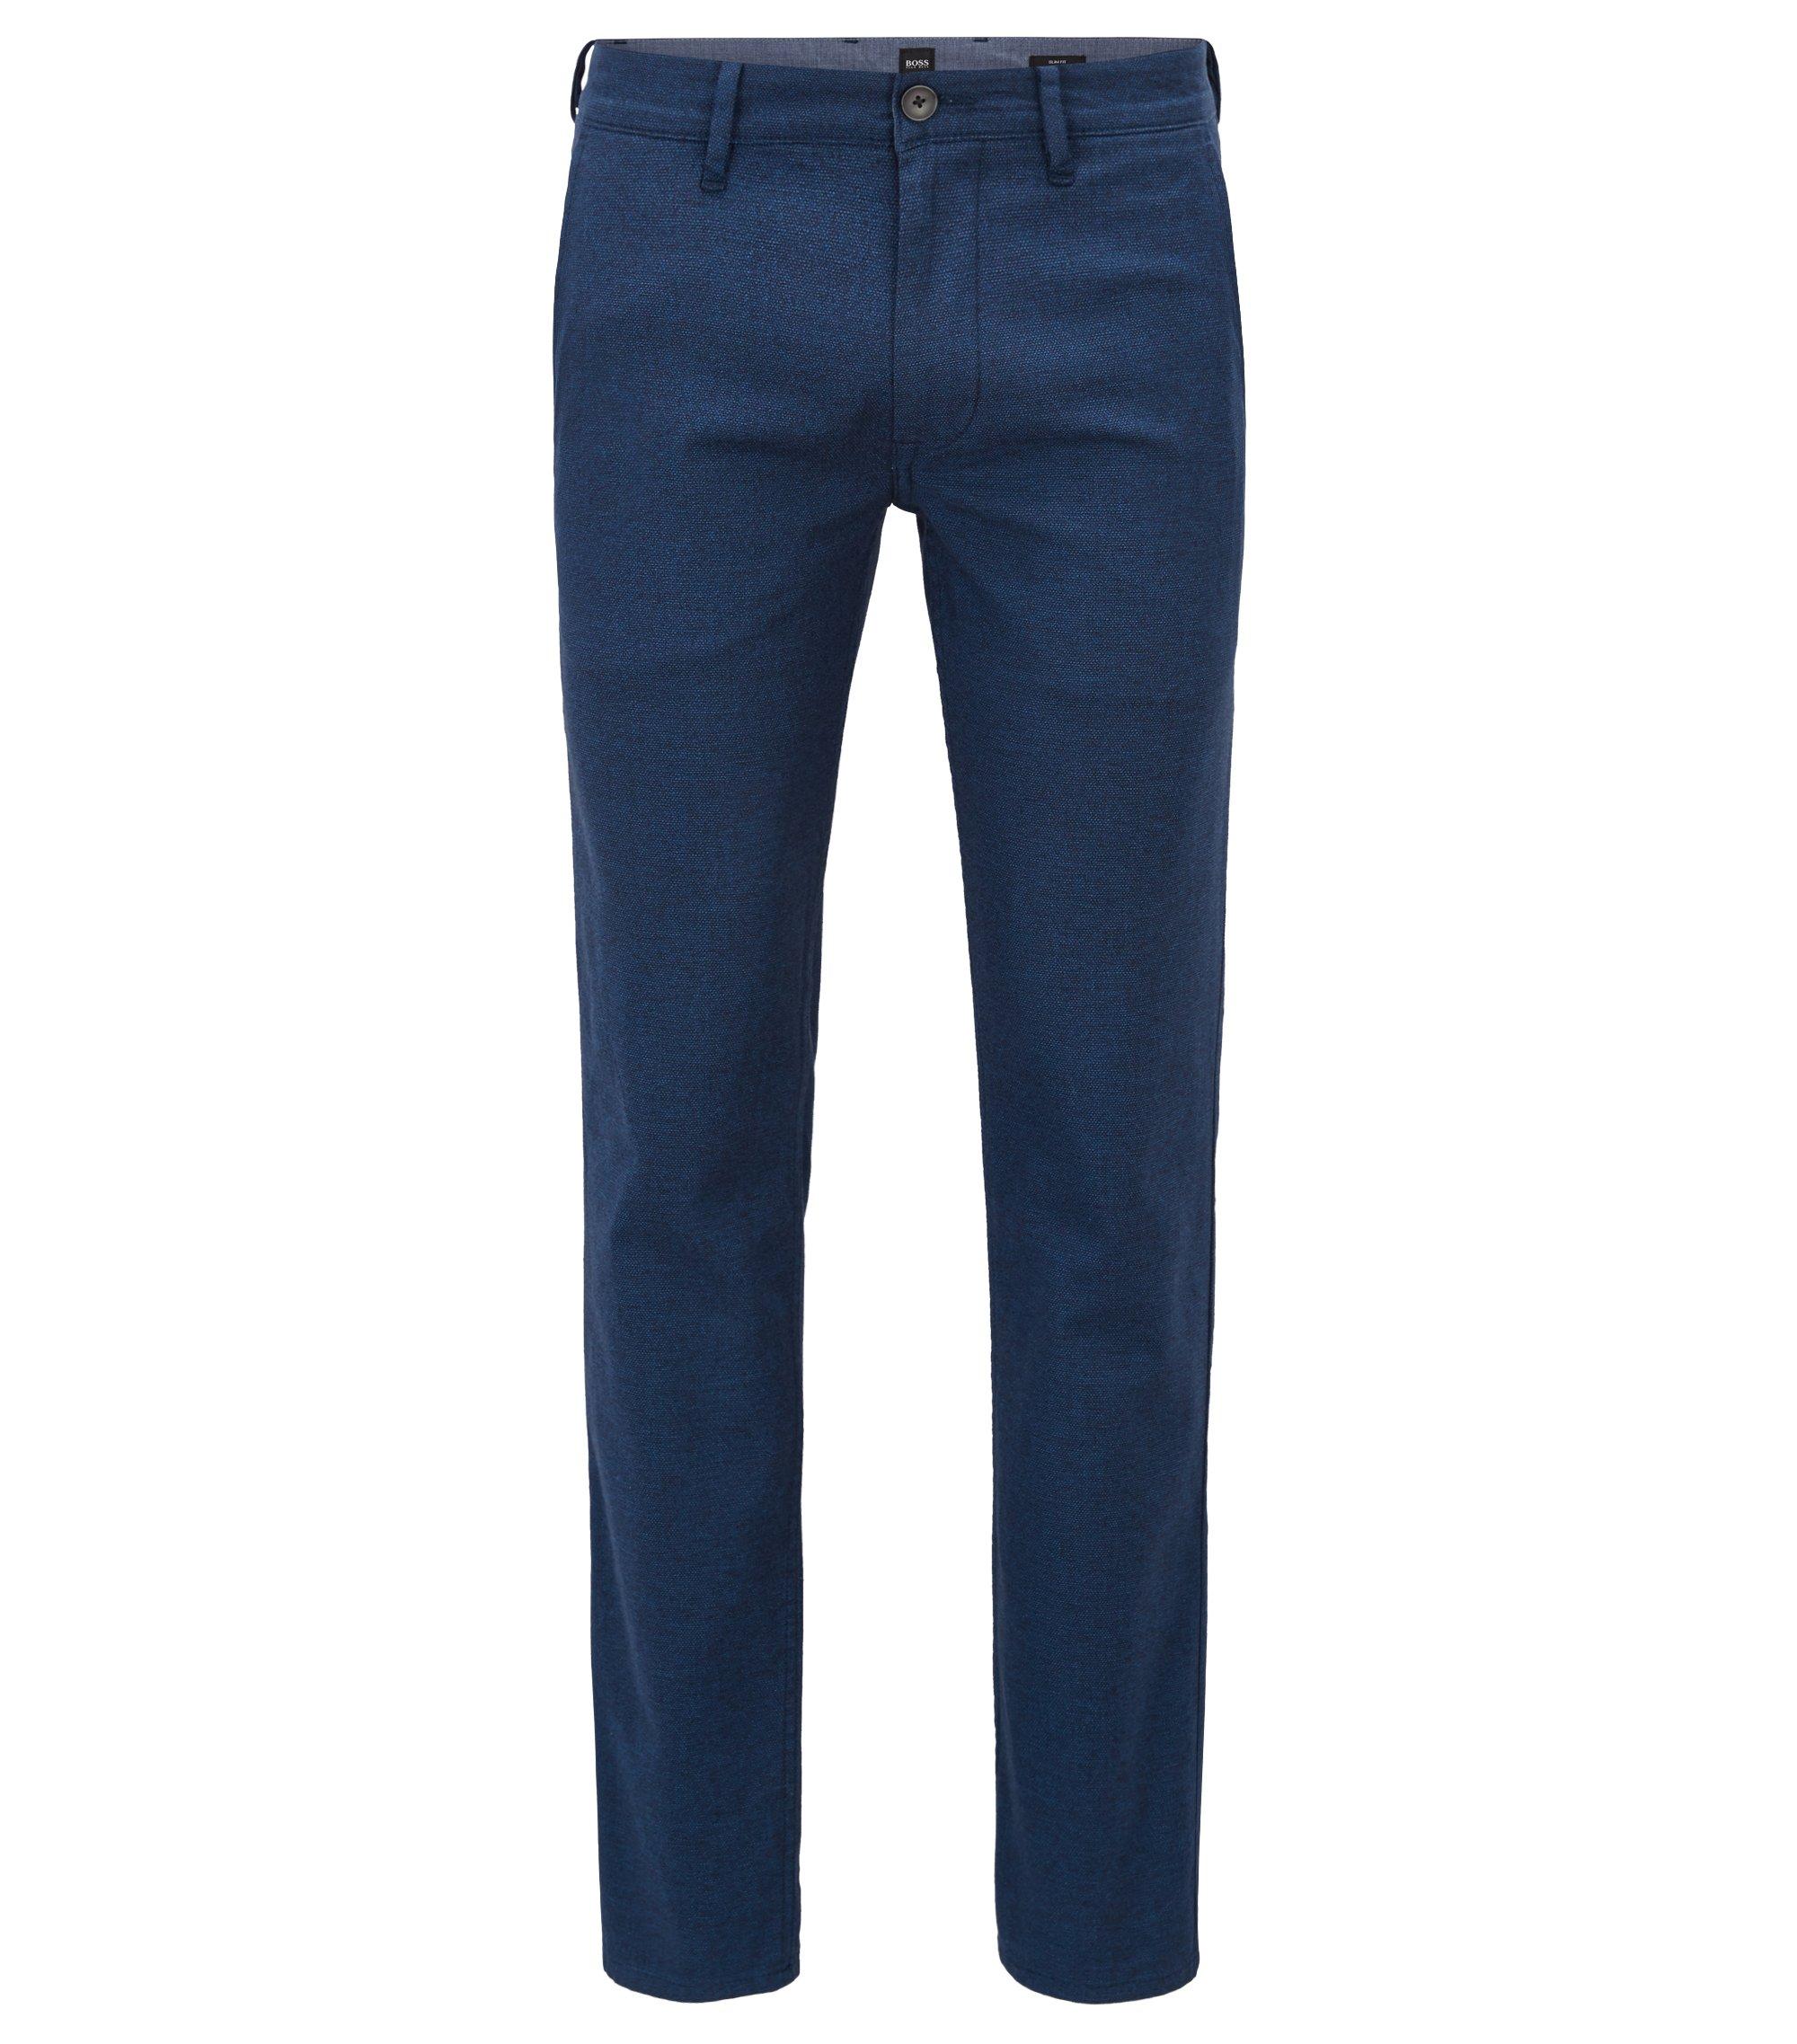 Pantalon Slim Fit en coton stretch surteint chiné, Bleu foncé